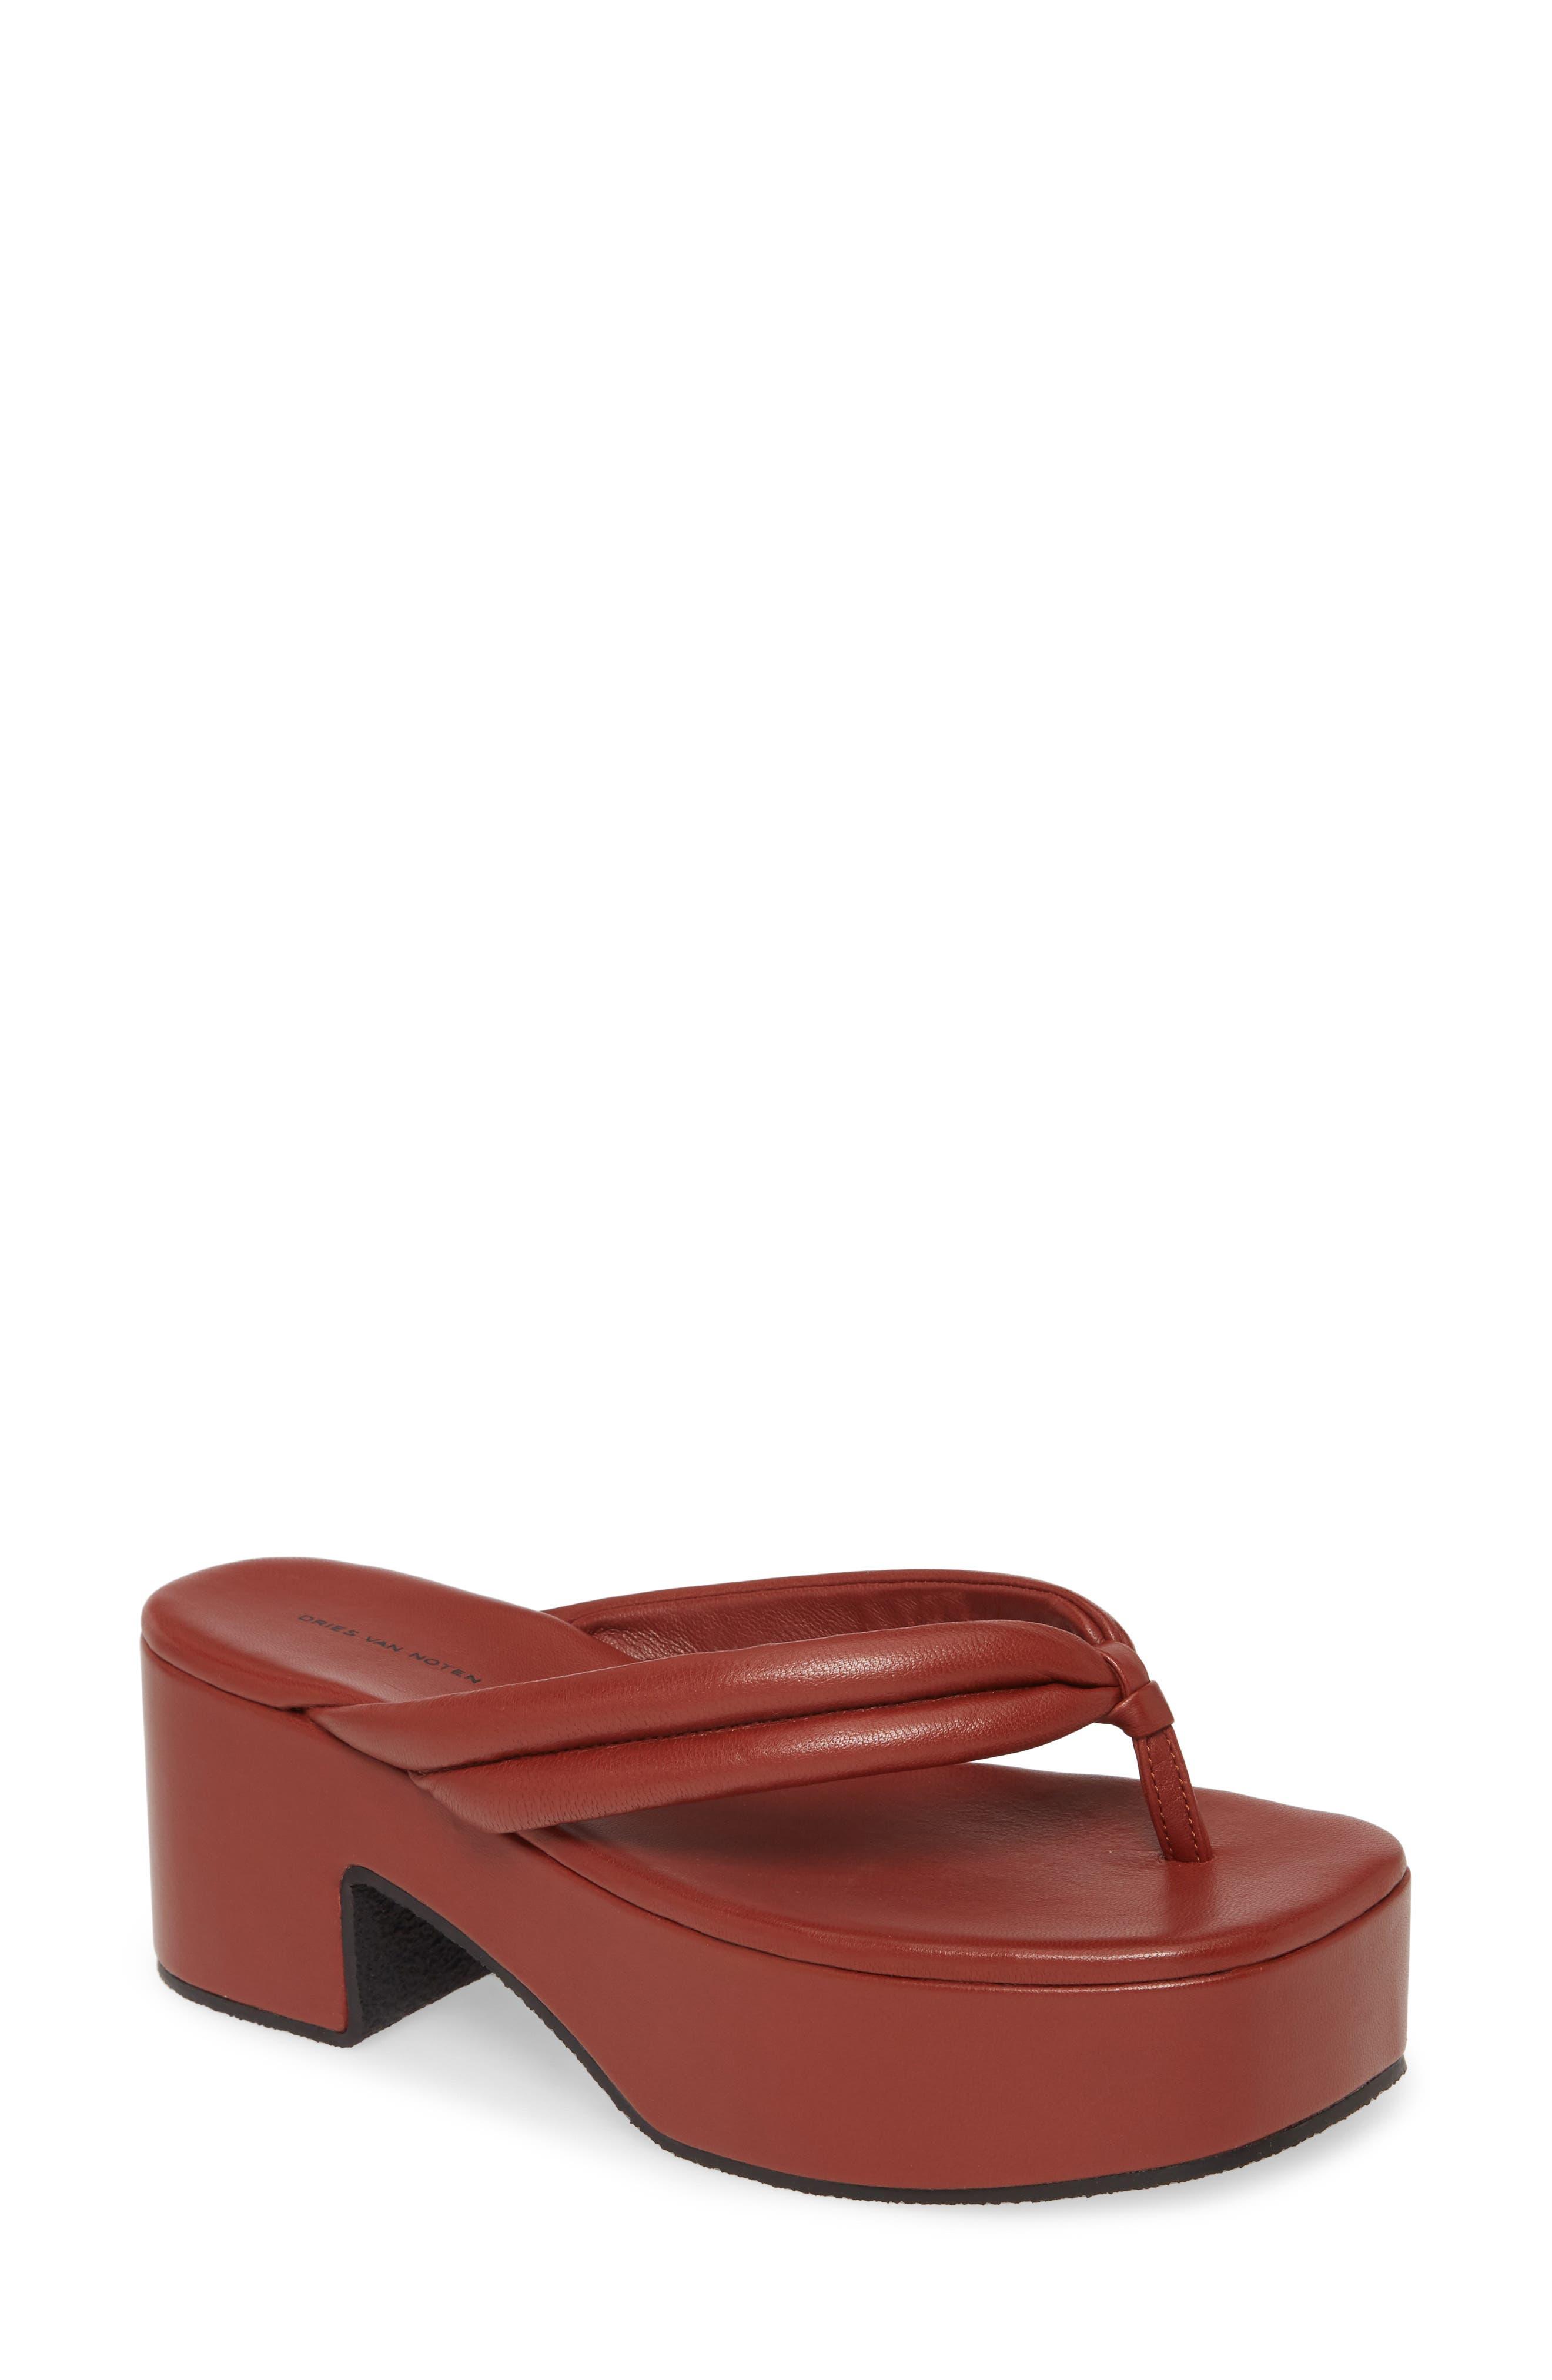 Dries Van Noten Platform Thong Sandal